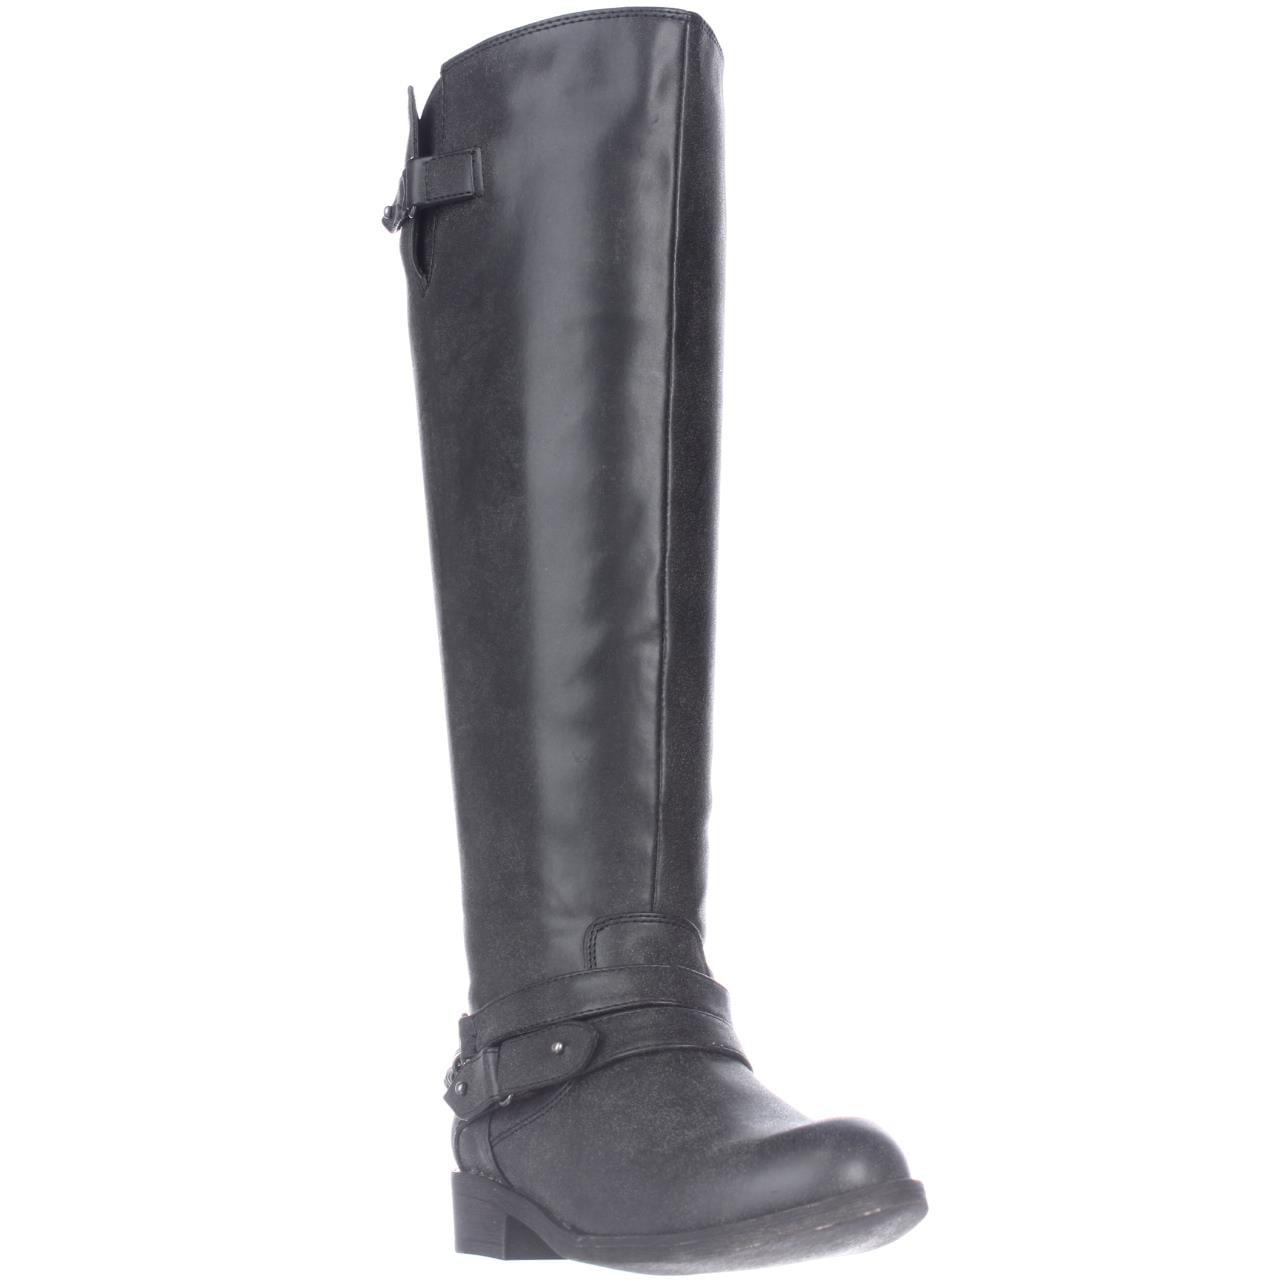 Steve Madden Womens madden girl Canyonwc Riding Boots - B...